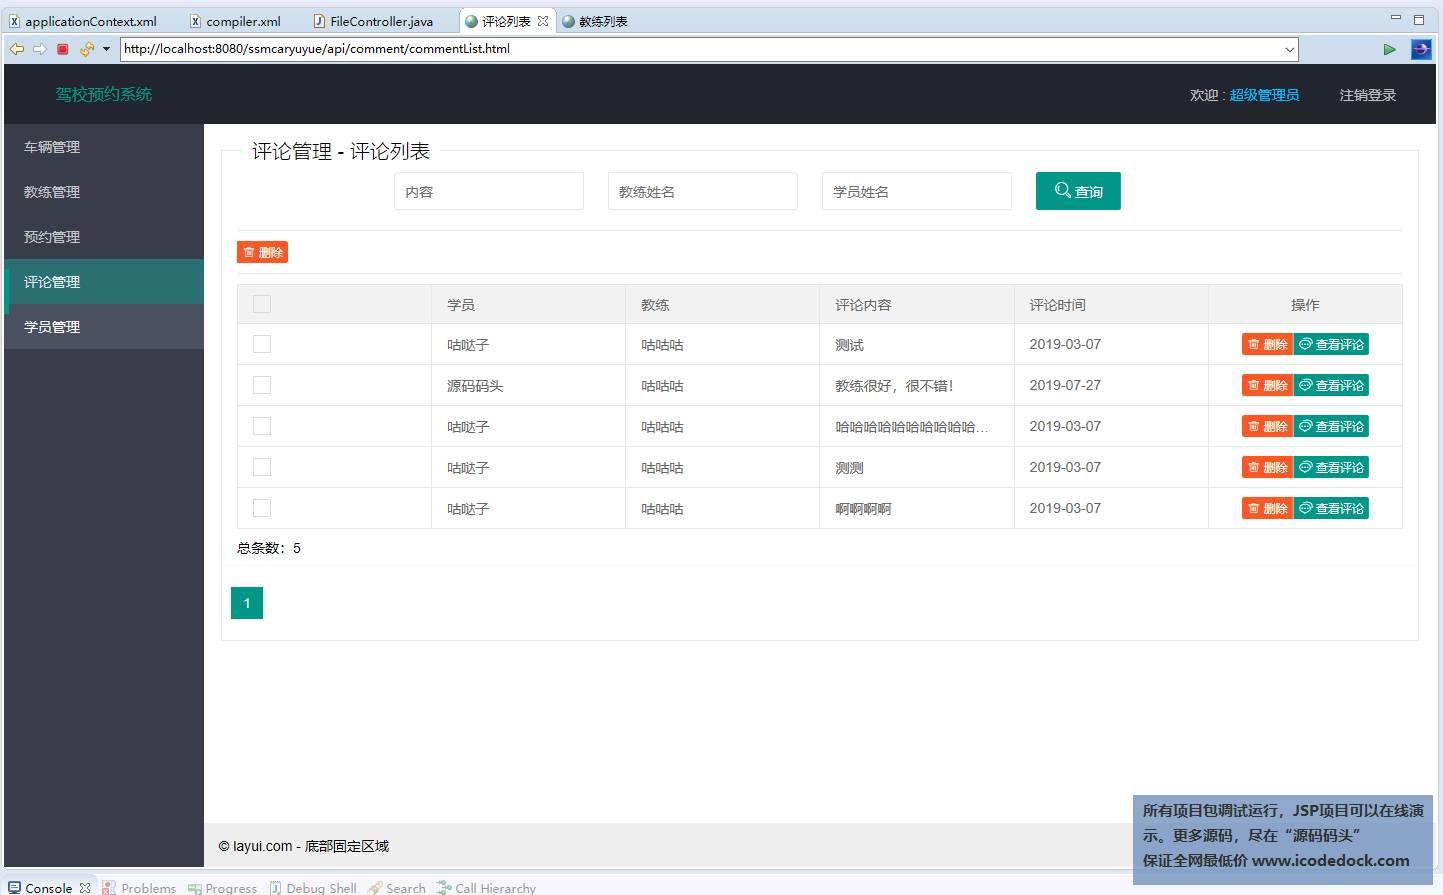 源码码头-SSM驾校预约管理系统-管理员角色-评论管理